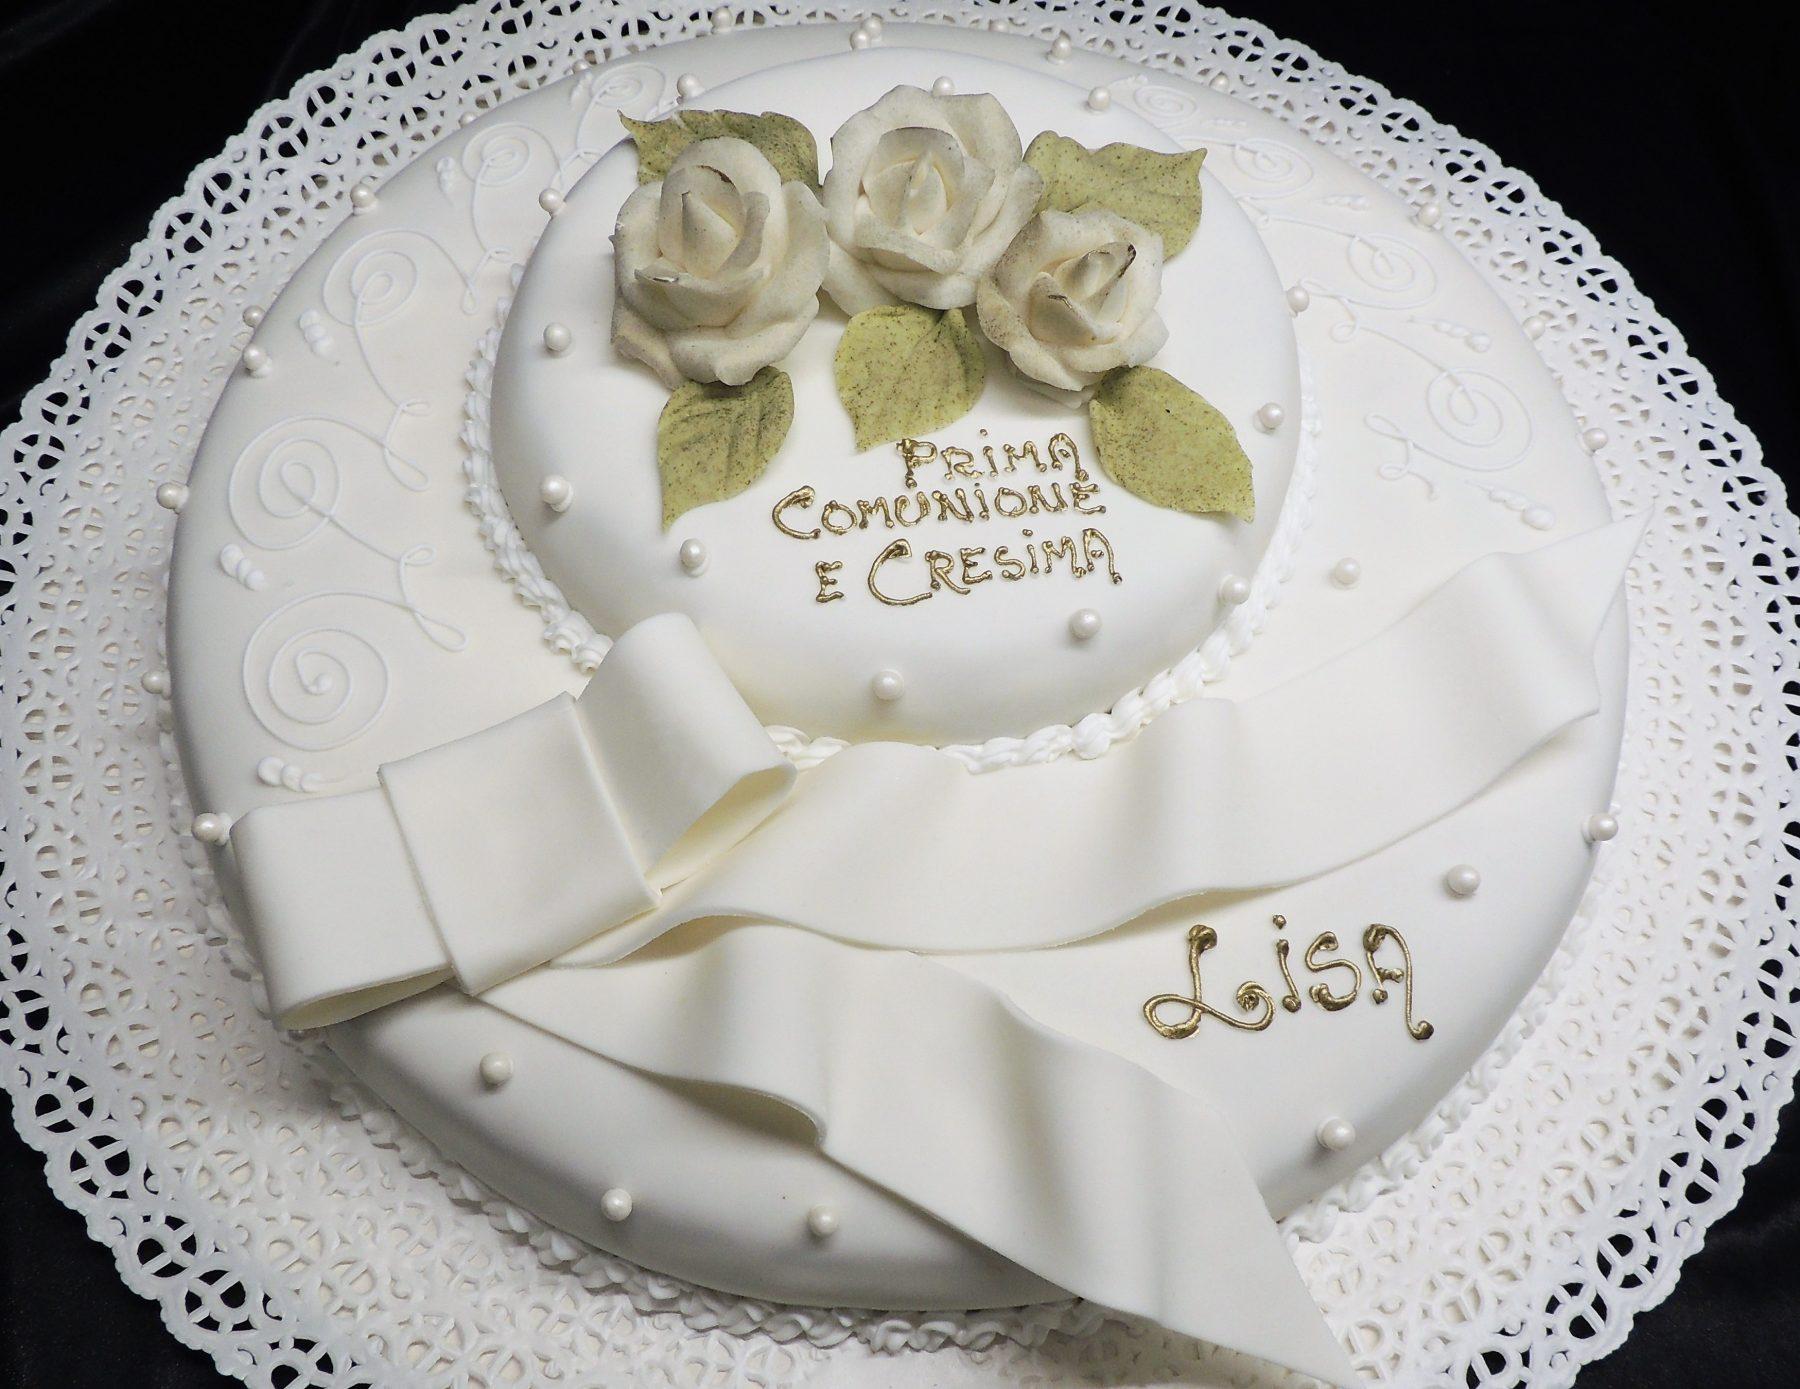 torta cresima e comunione6